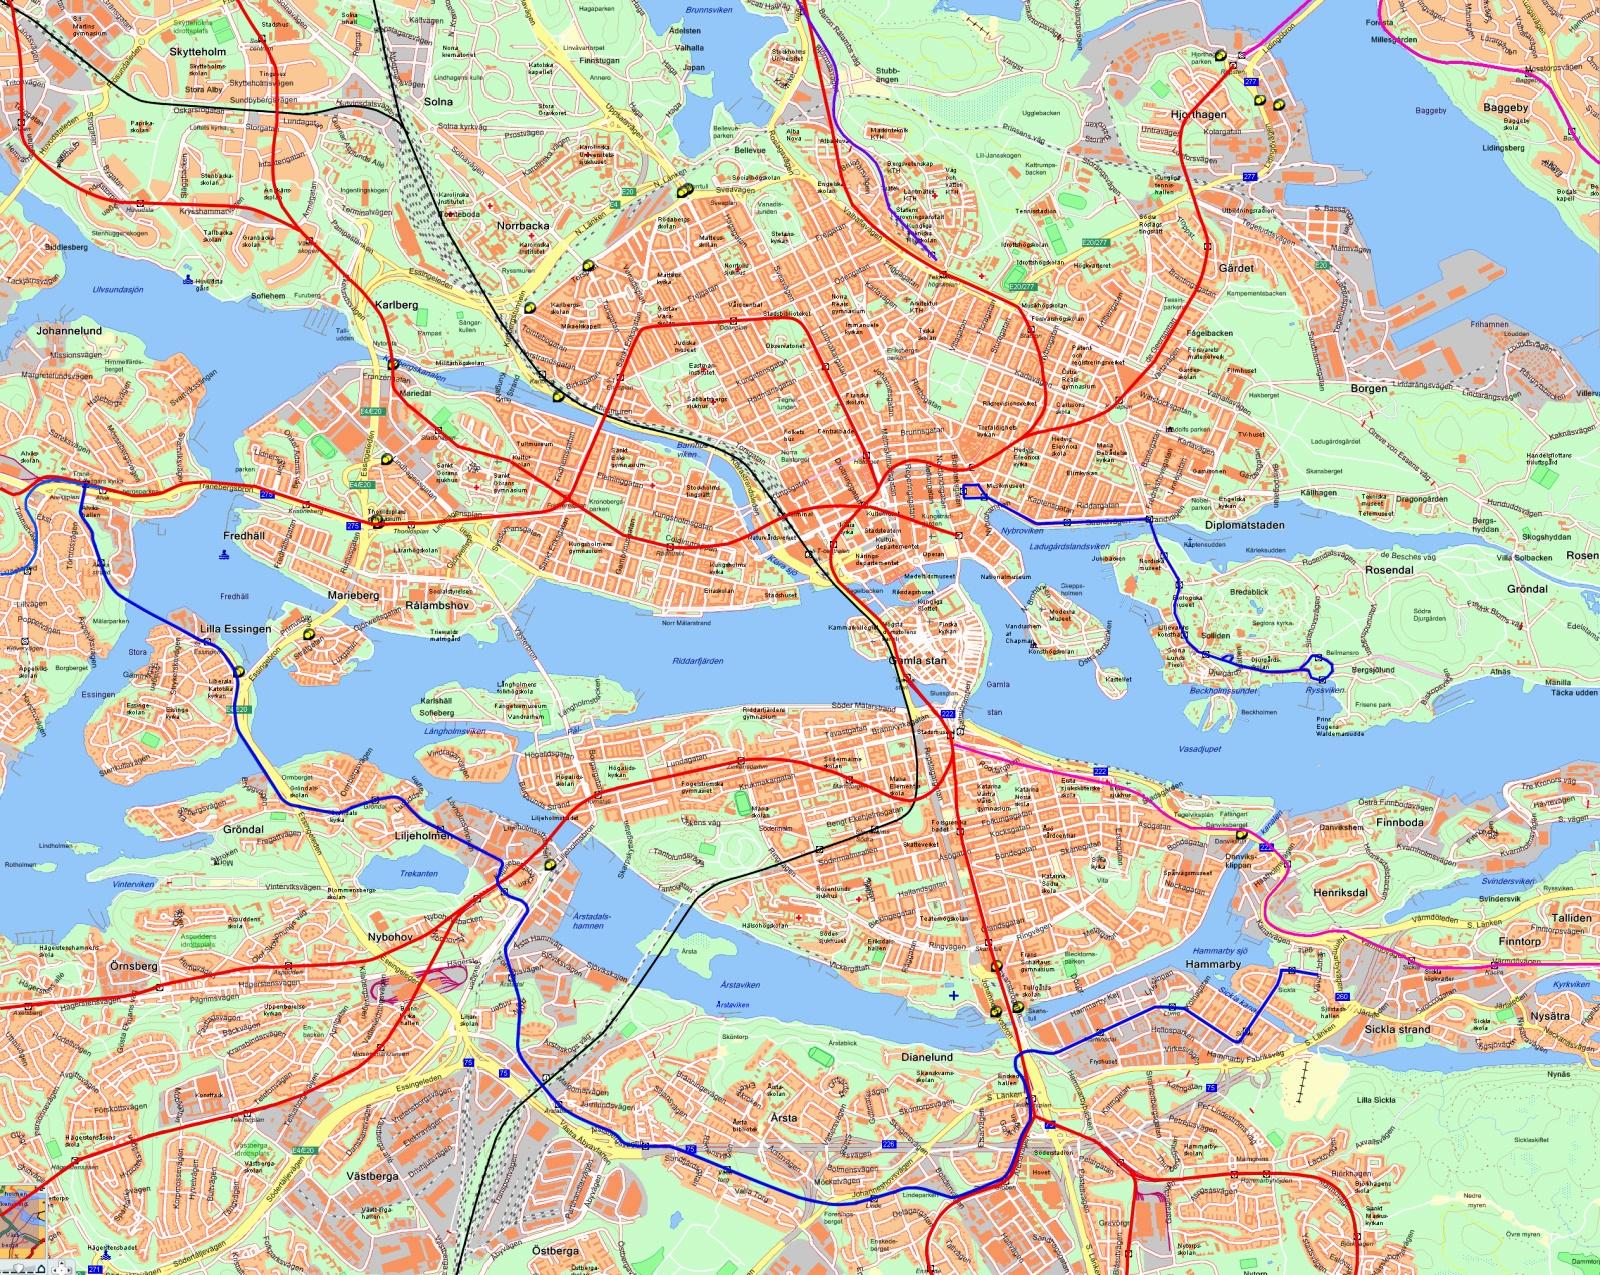 Mapas Detallados De Estocolmo Para Descargar Gratis E Imprimir